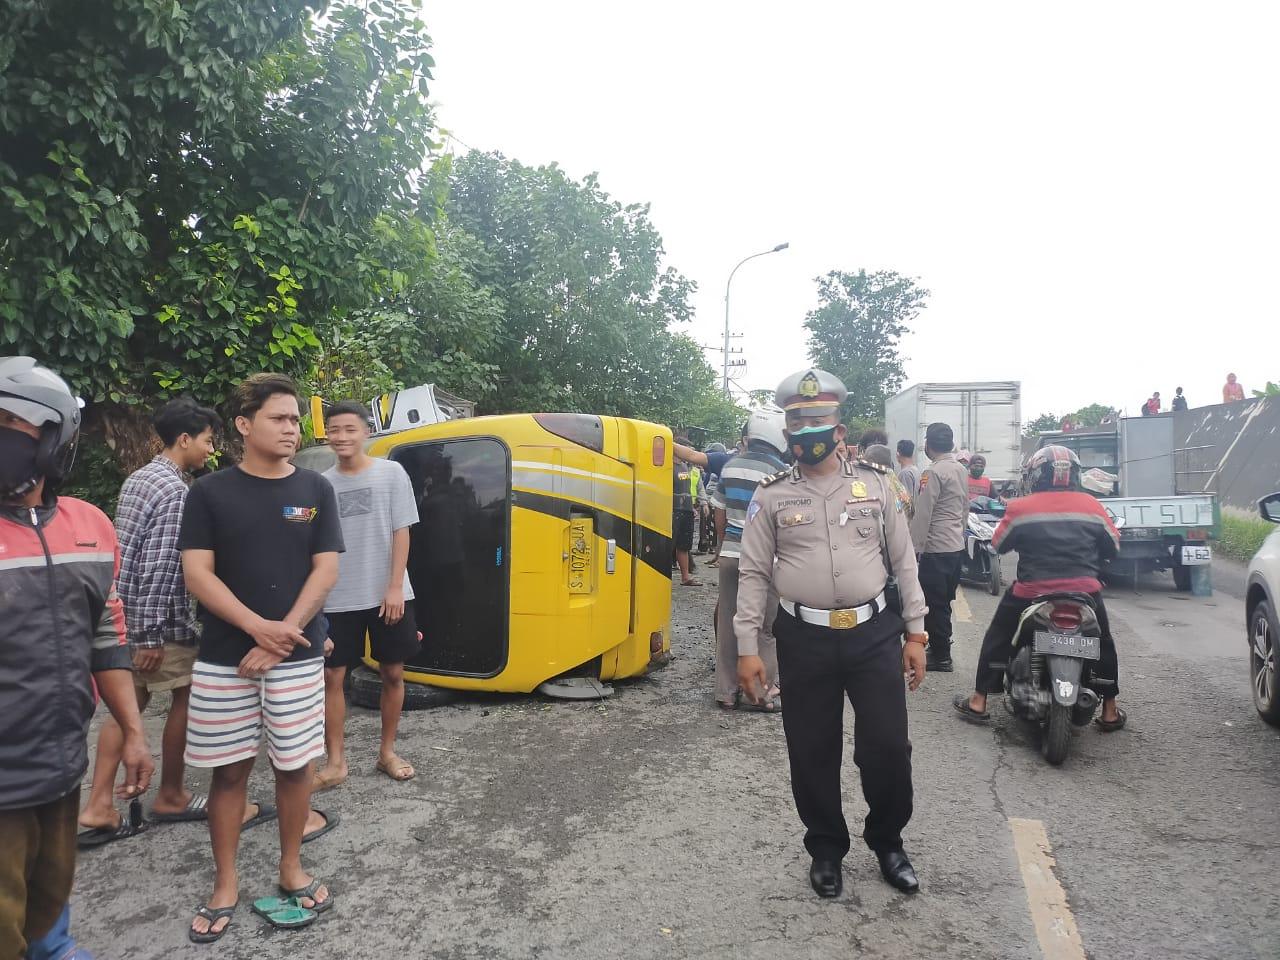 Mobil Elf terguling di Jl Patung Sapi, Desa Banaran, Kecamatan Babat, Lamongan. (Foto: Kanit Lantas Polsek Babat/Tugu Jatim)